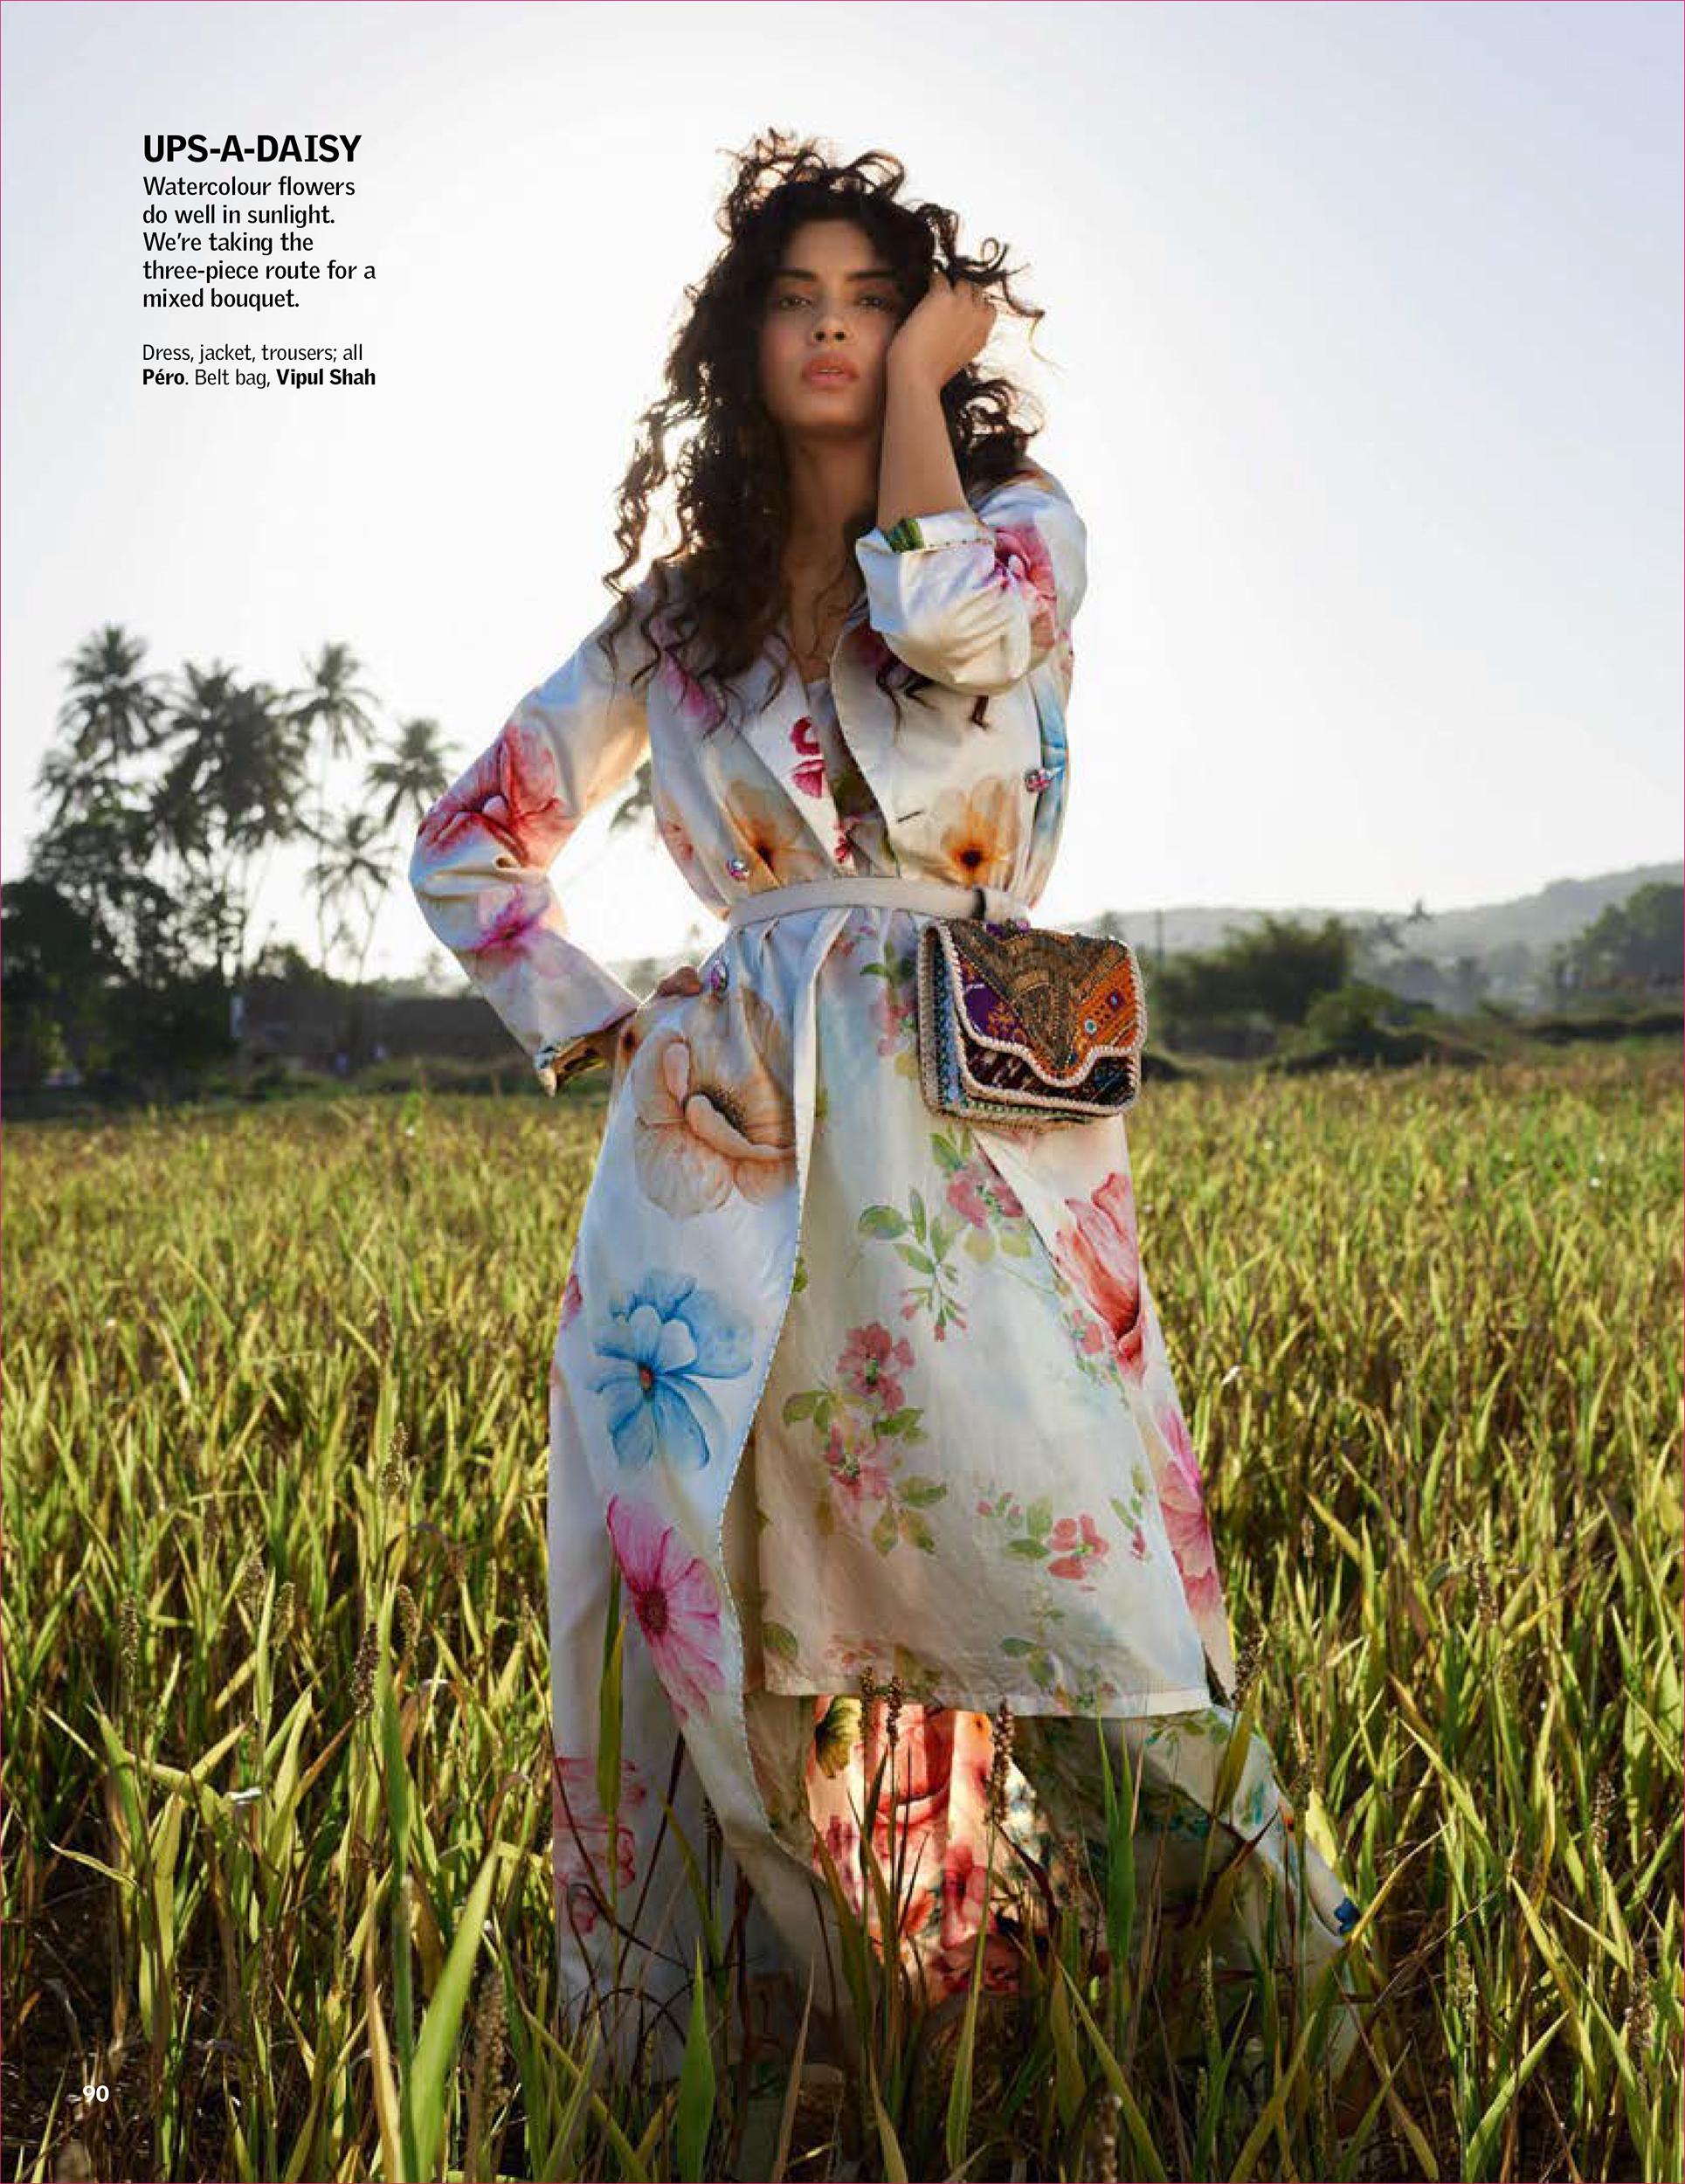 VOGUE_INDIA_MAIN ISSUE_JULY_2020_EPUB_Ed